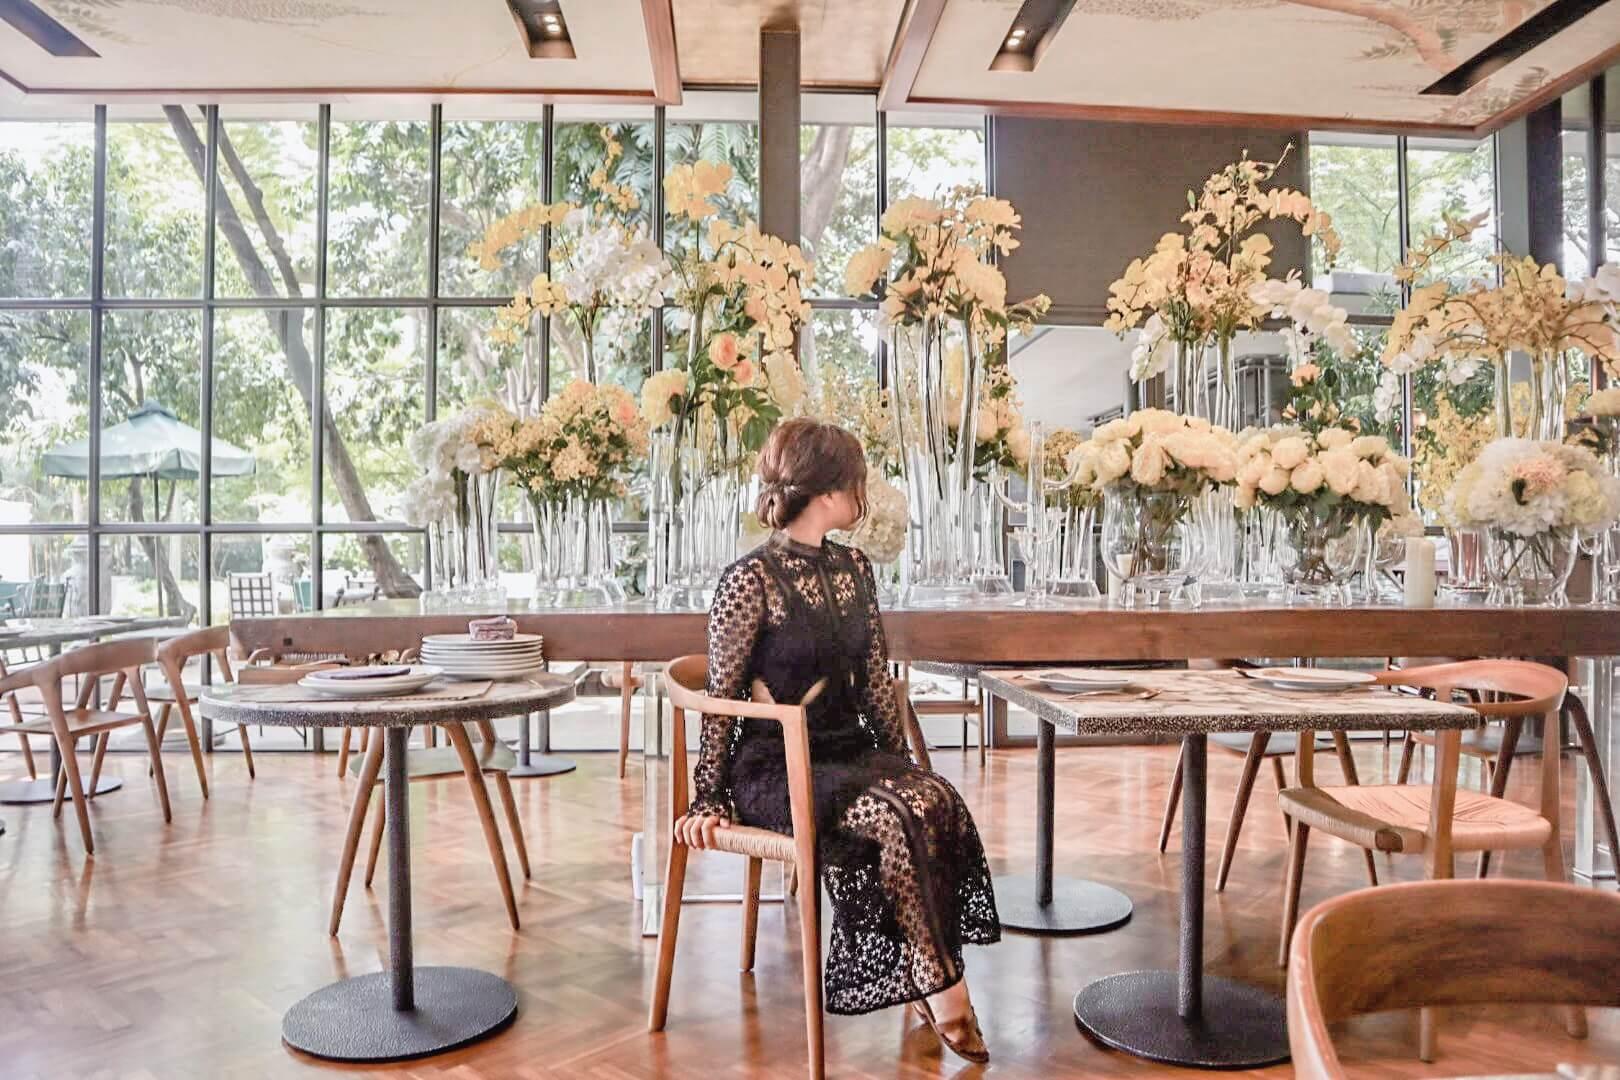 バンコクの洗練されたカフェ&レストランにホテルまで♡フォトジェニックスポットを巡る弾丸旅のおすすめルート♡ 【後編】